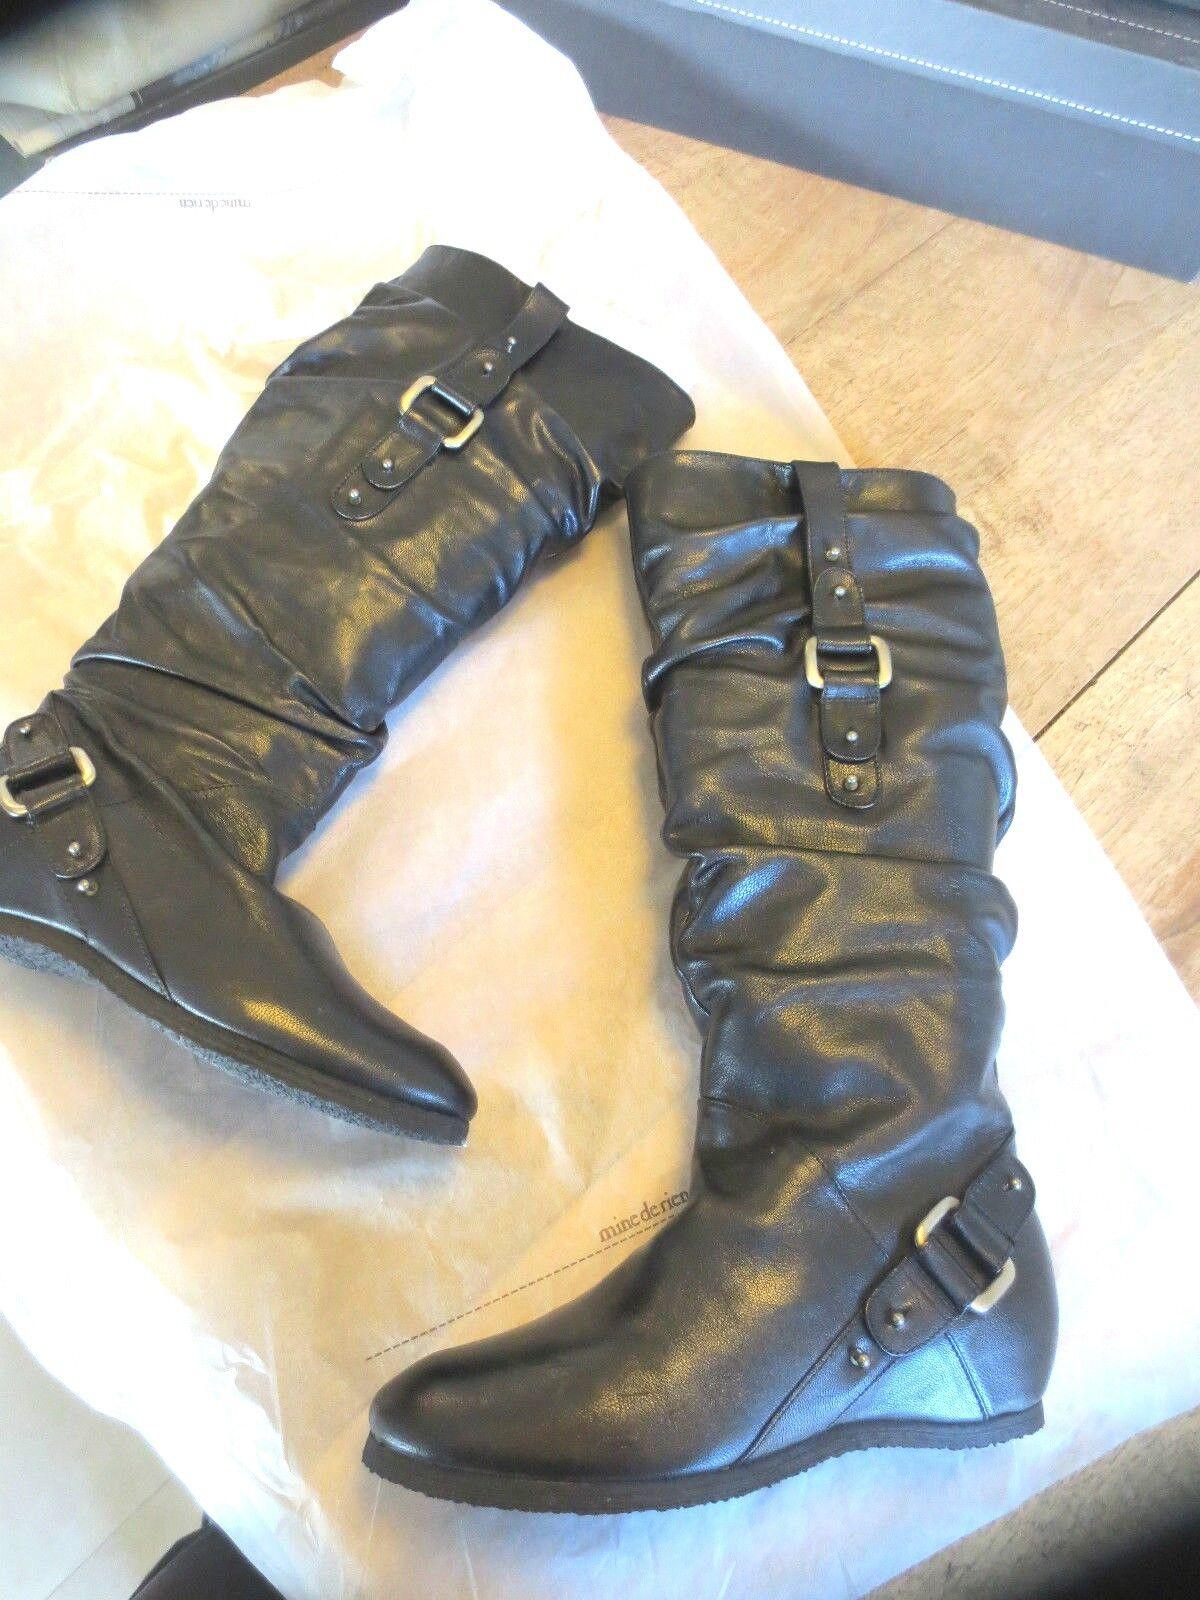 Botte cuir noir compensé interieur NEUVE Val 220E Point 35.5,36 ,39,39.5